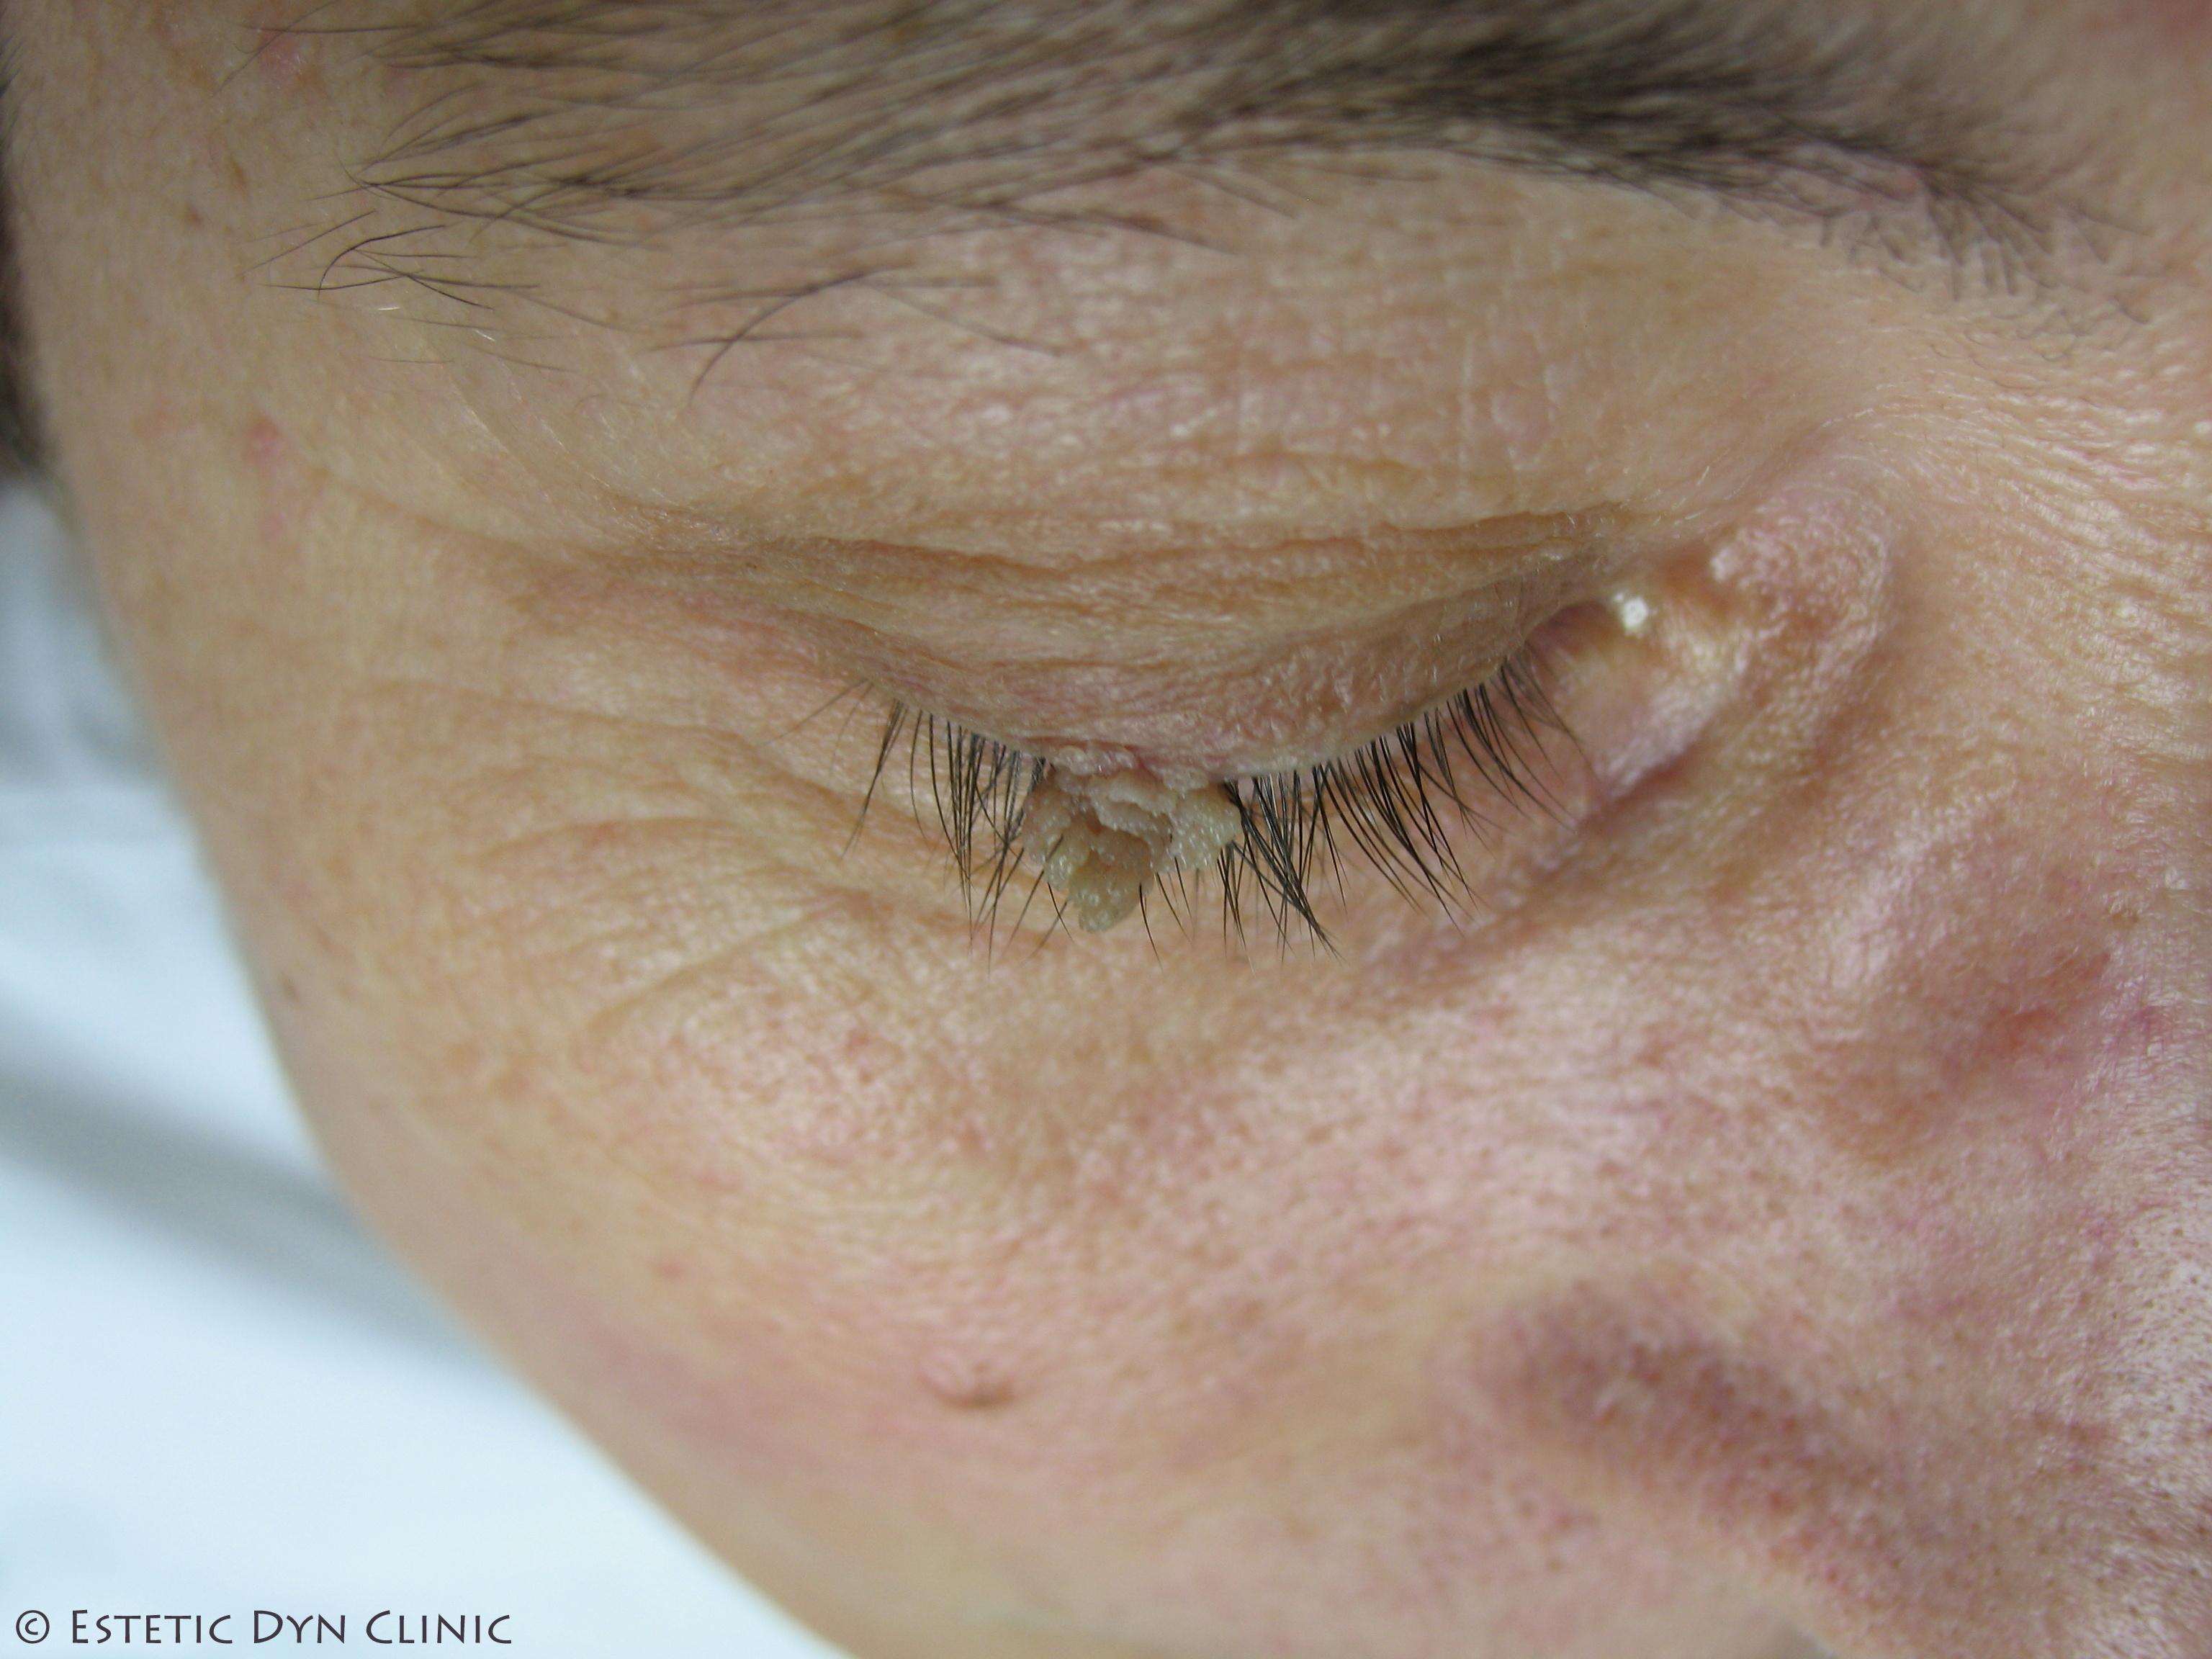 tratament pentru viermi lambli simptome cancer hepatocelular